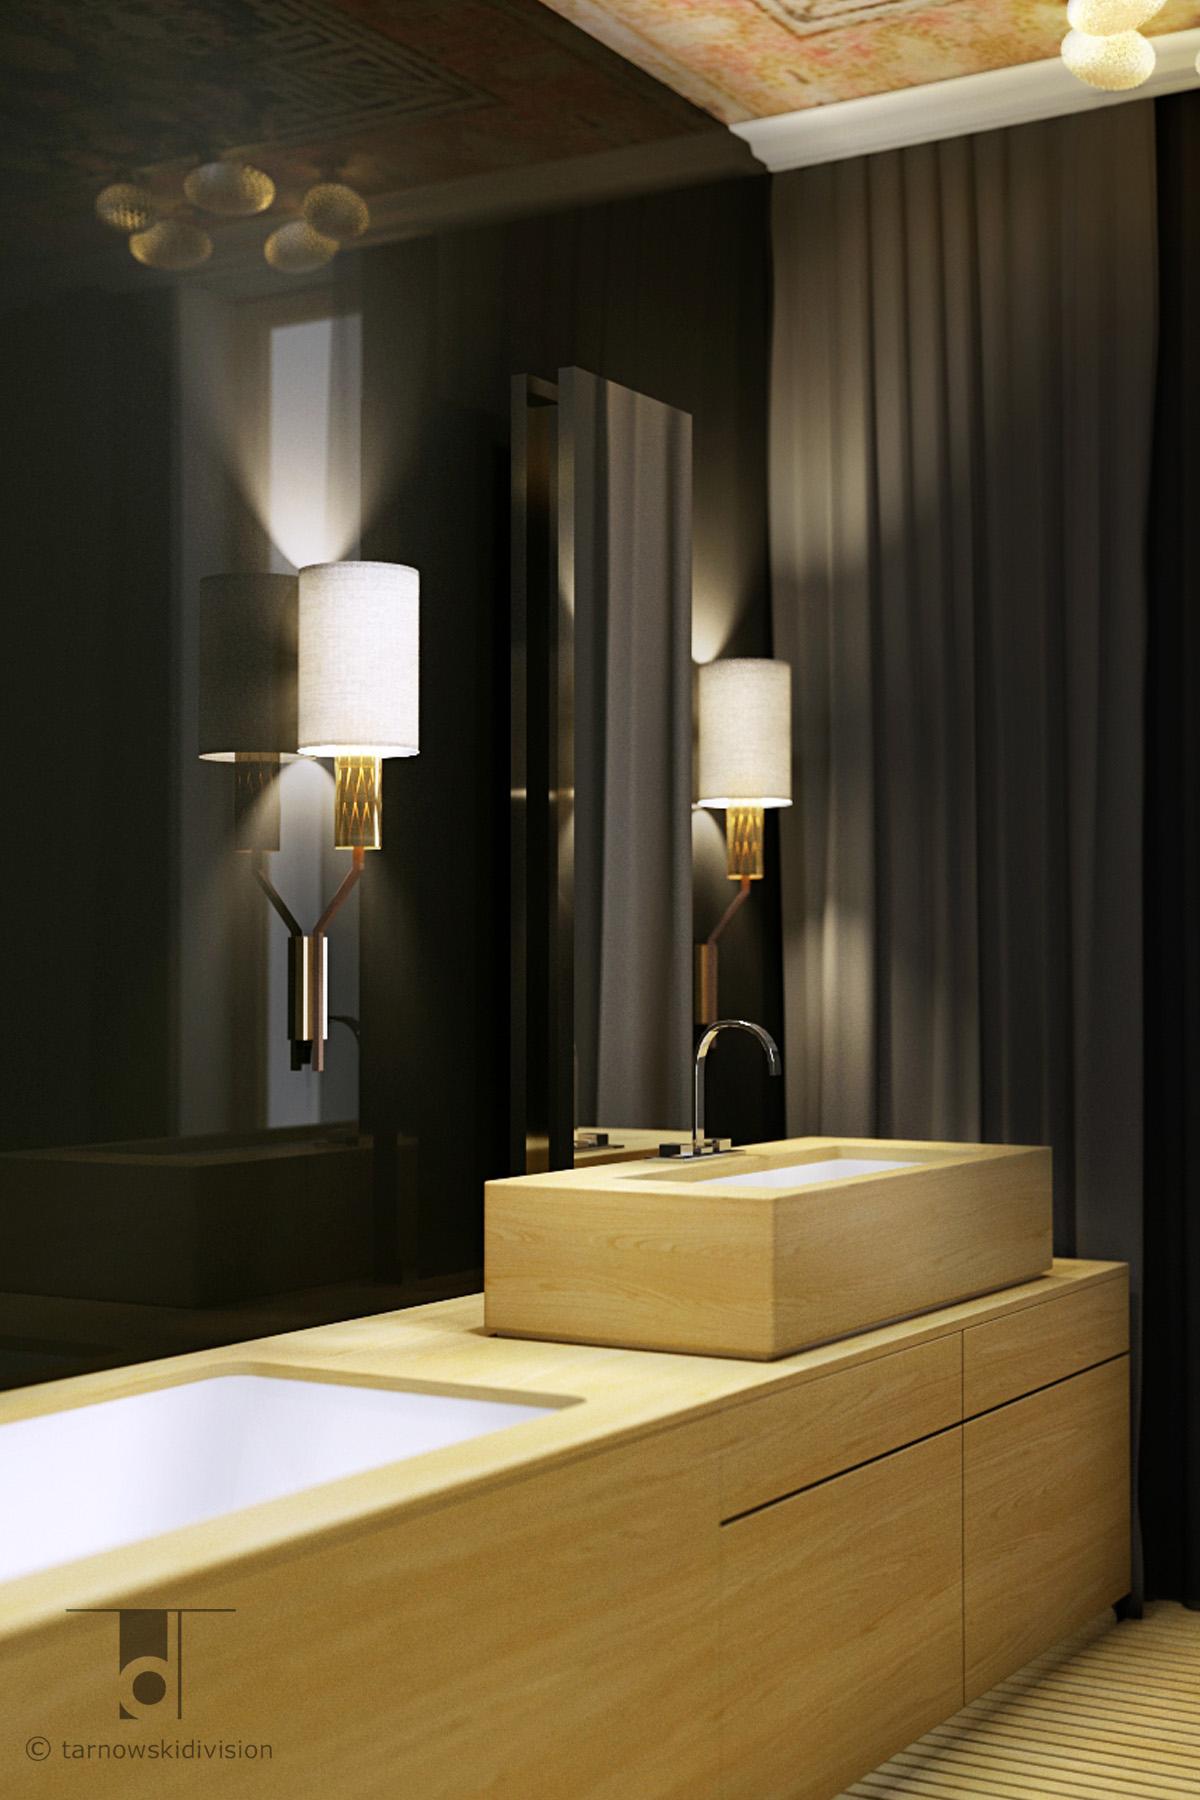 nowoczesna łazienka projekt wnętrz łazienki wystrój wnętrz modern luxury bathroom interior design_tarnowski division